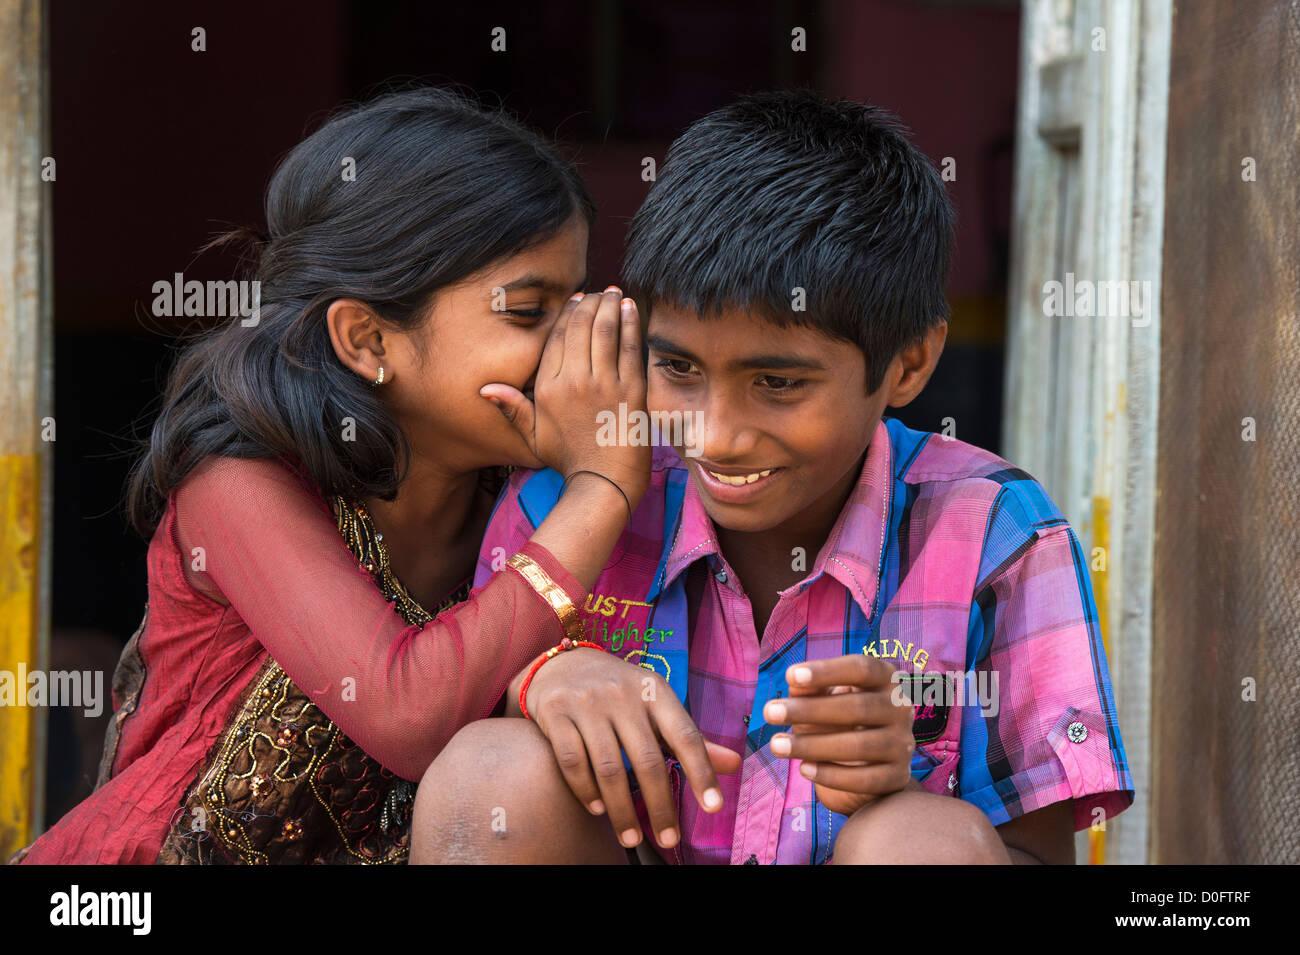 Giovane ragazza indiana whispering ad un ragazzo al di fuori delle loro zone rurali viilage indiano home. Andhra Foto Stock